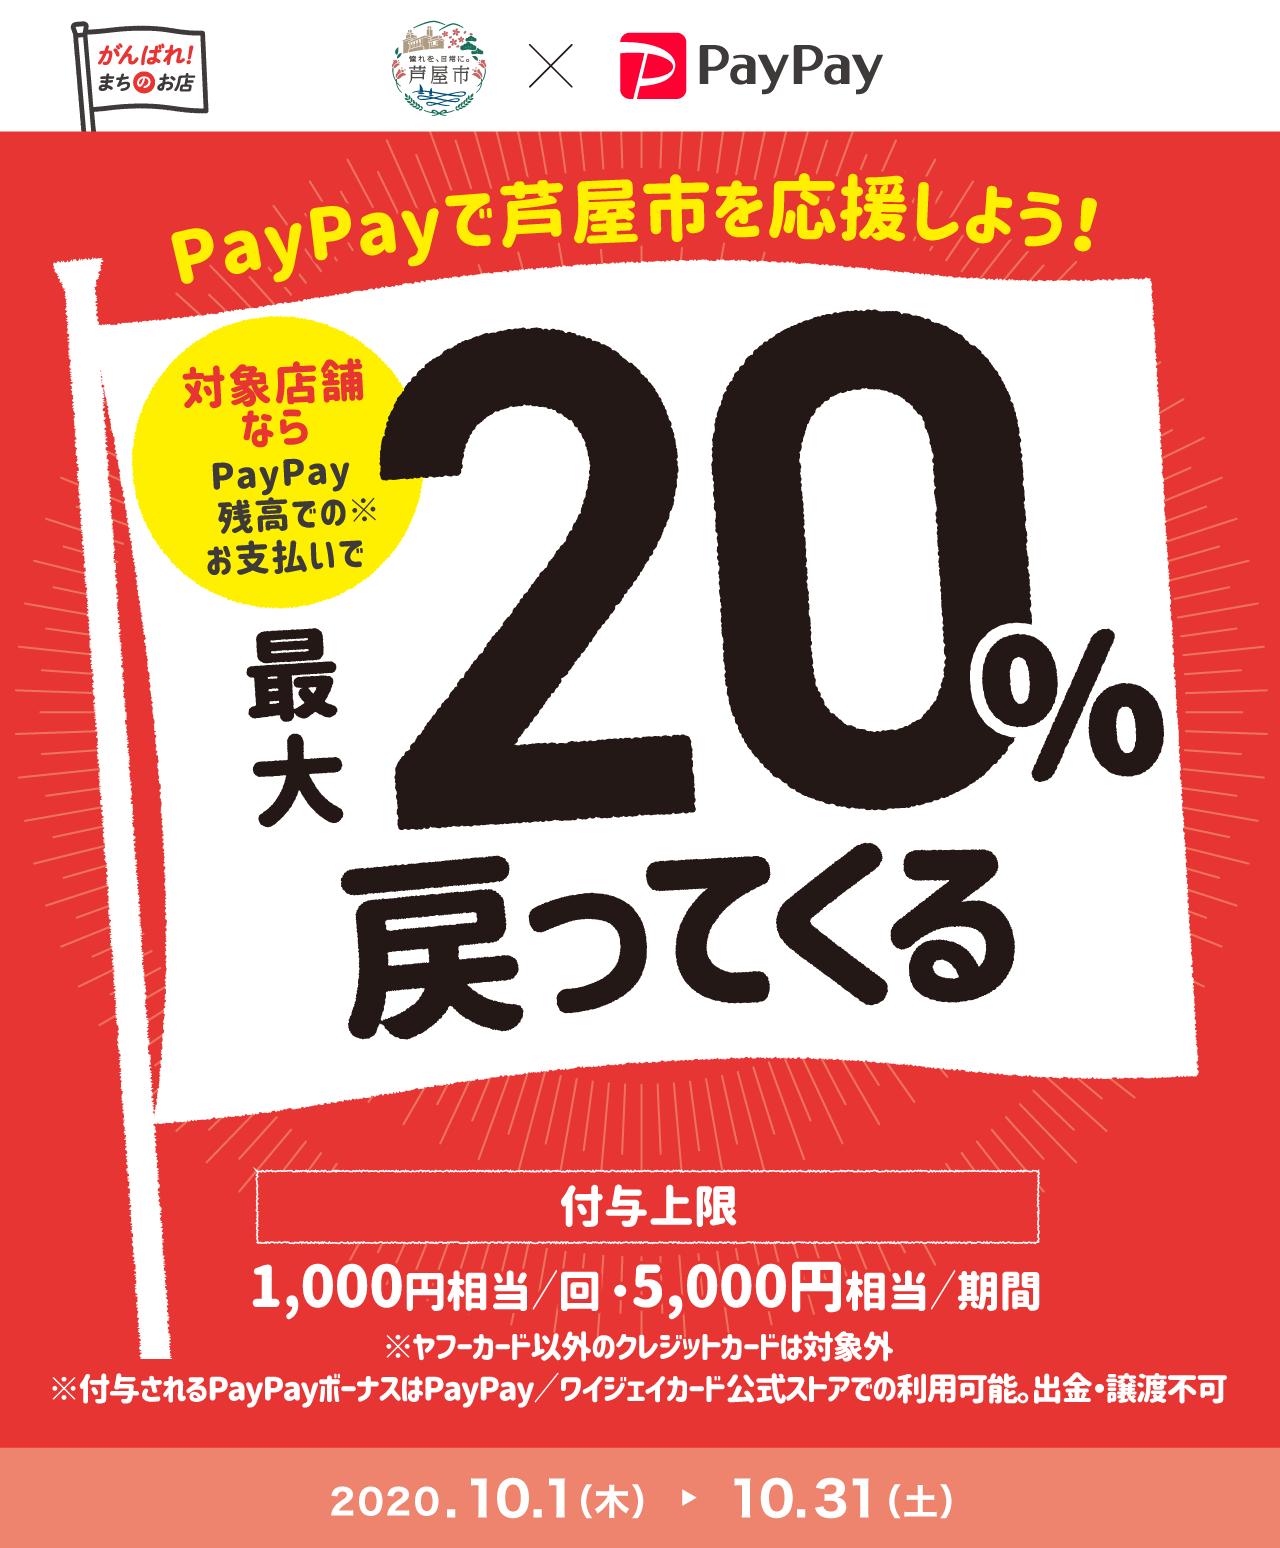 PayPayで芦屋市を応援しよう! 対象店舗ならPayPay残高でのお支払いで最大20%戻ってくる